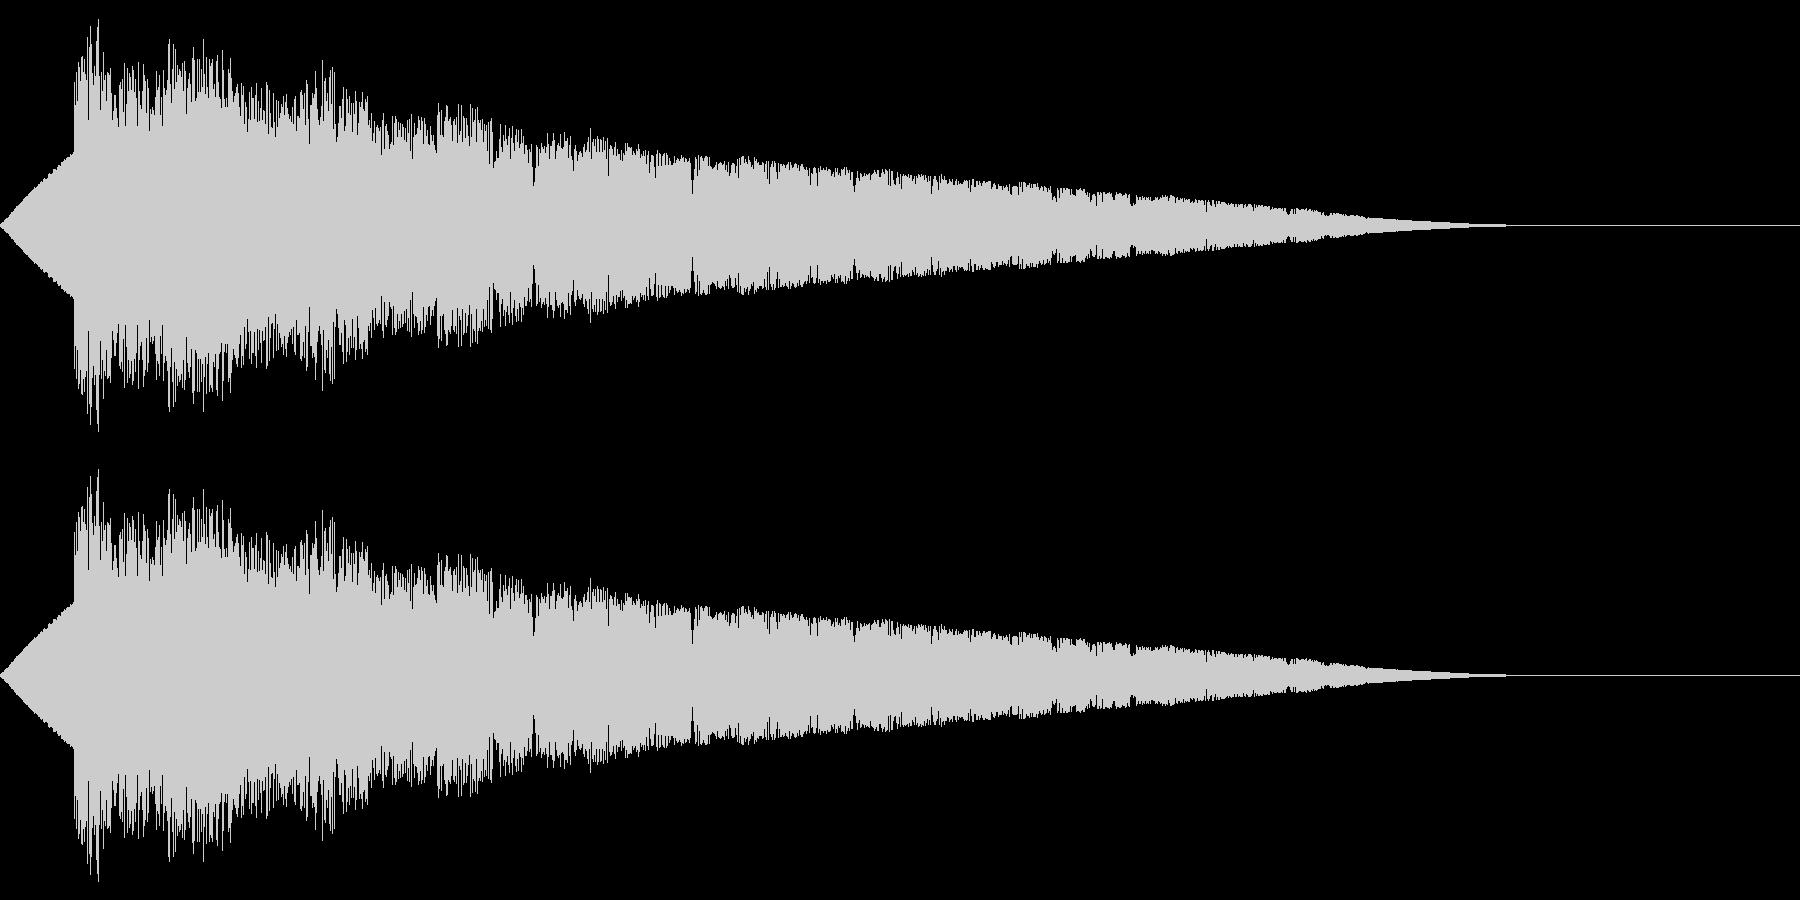 ピヨピヨピー(ファミコン/ワープ/宇宙の未再生の波形